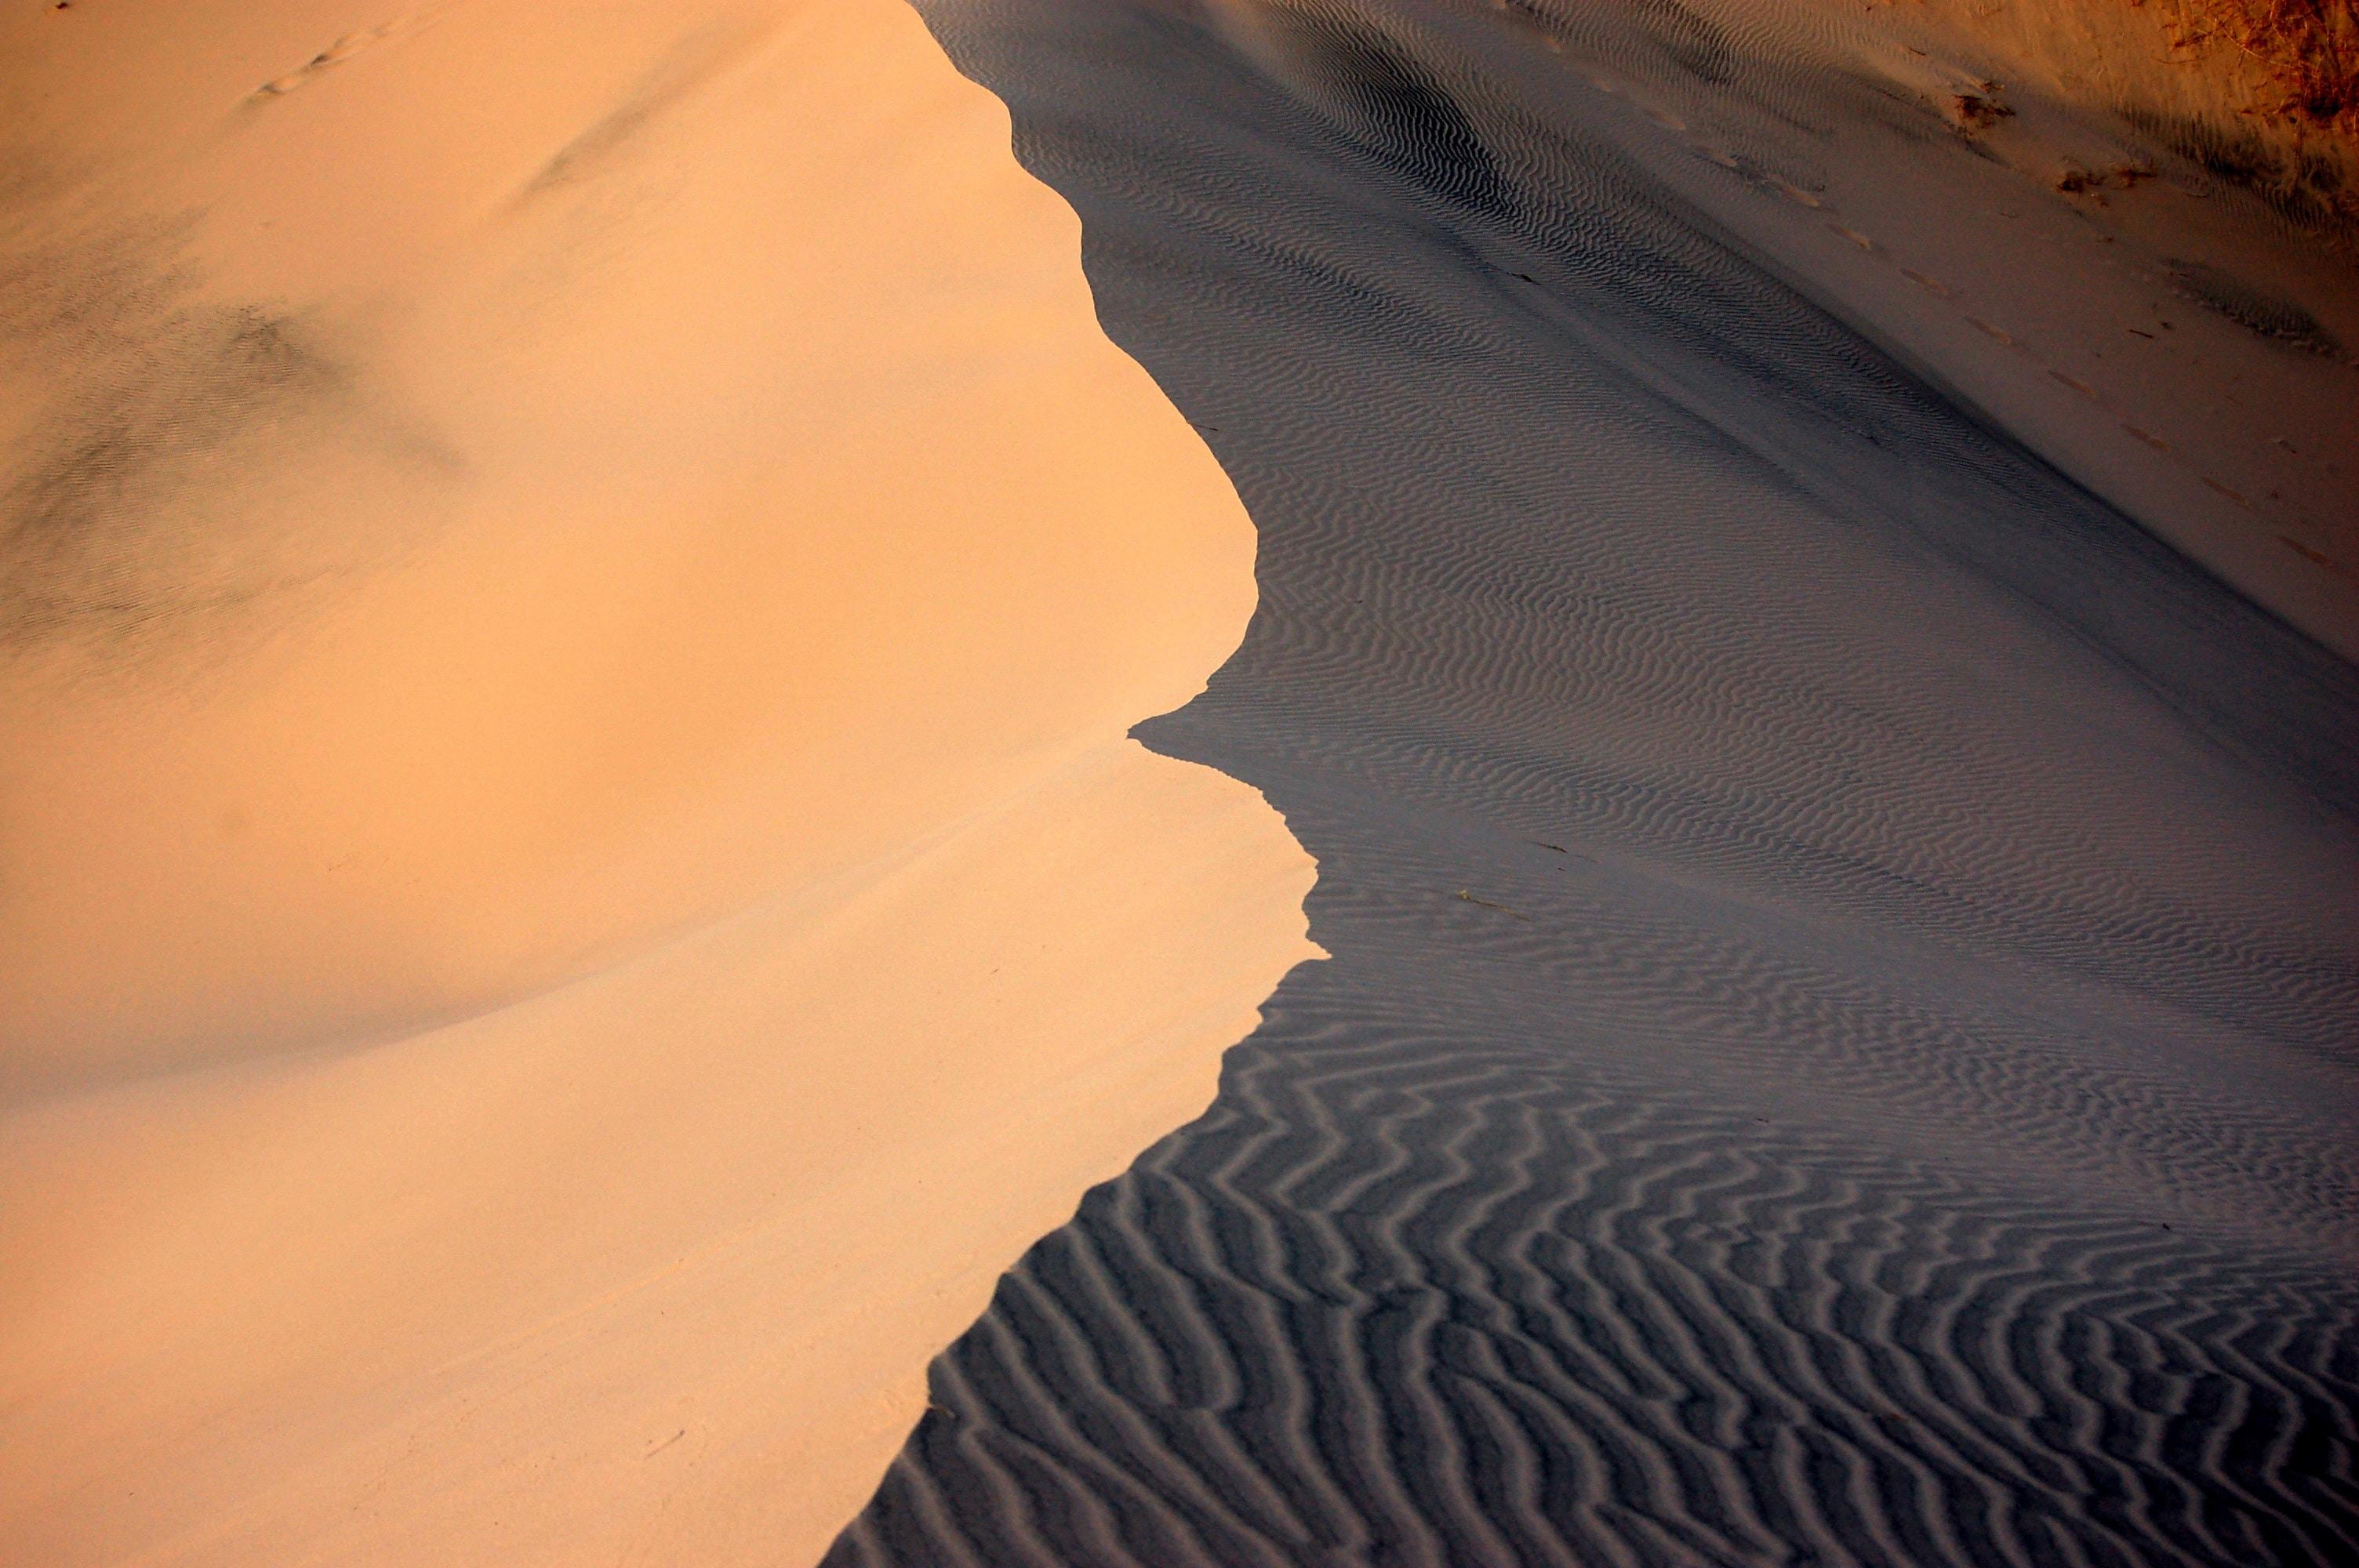 desert hill at daytime